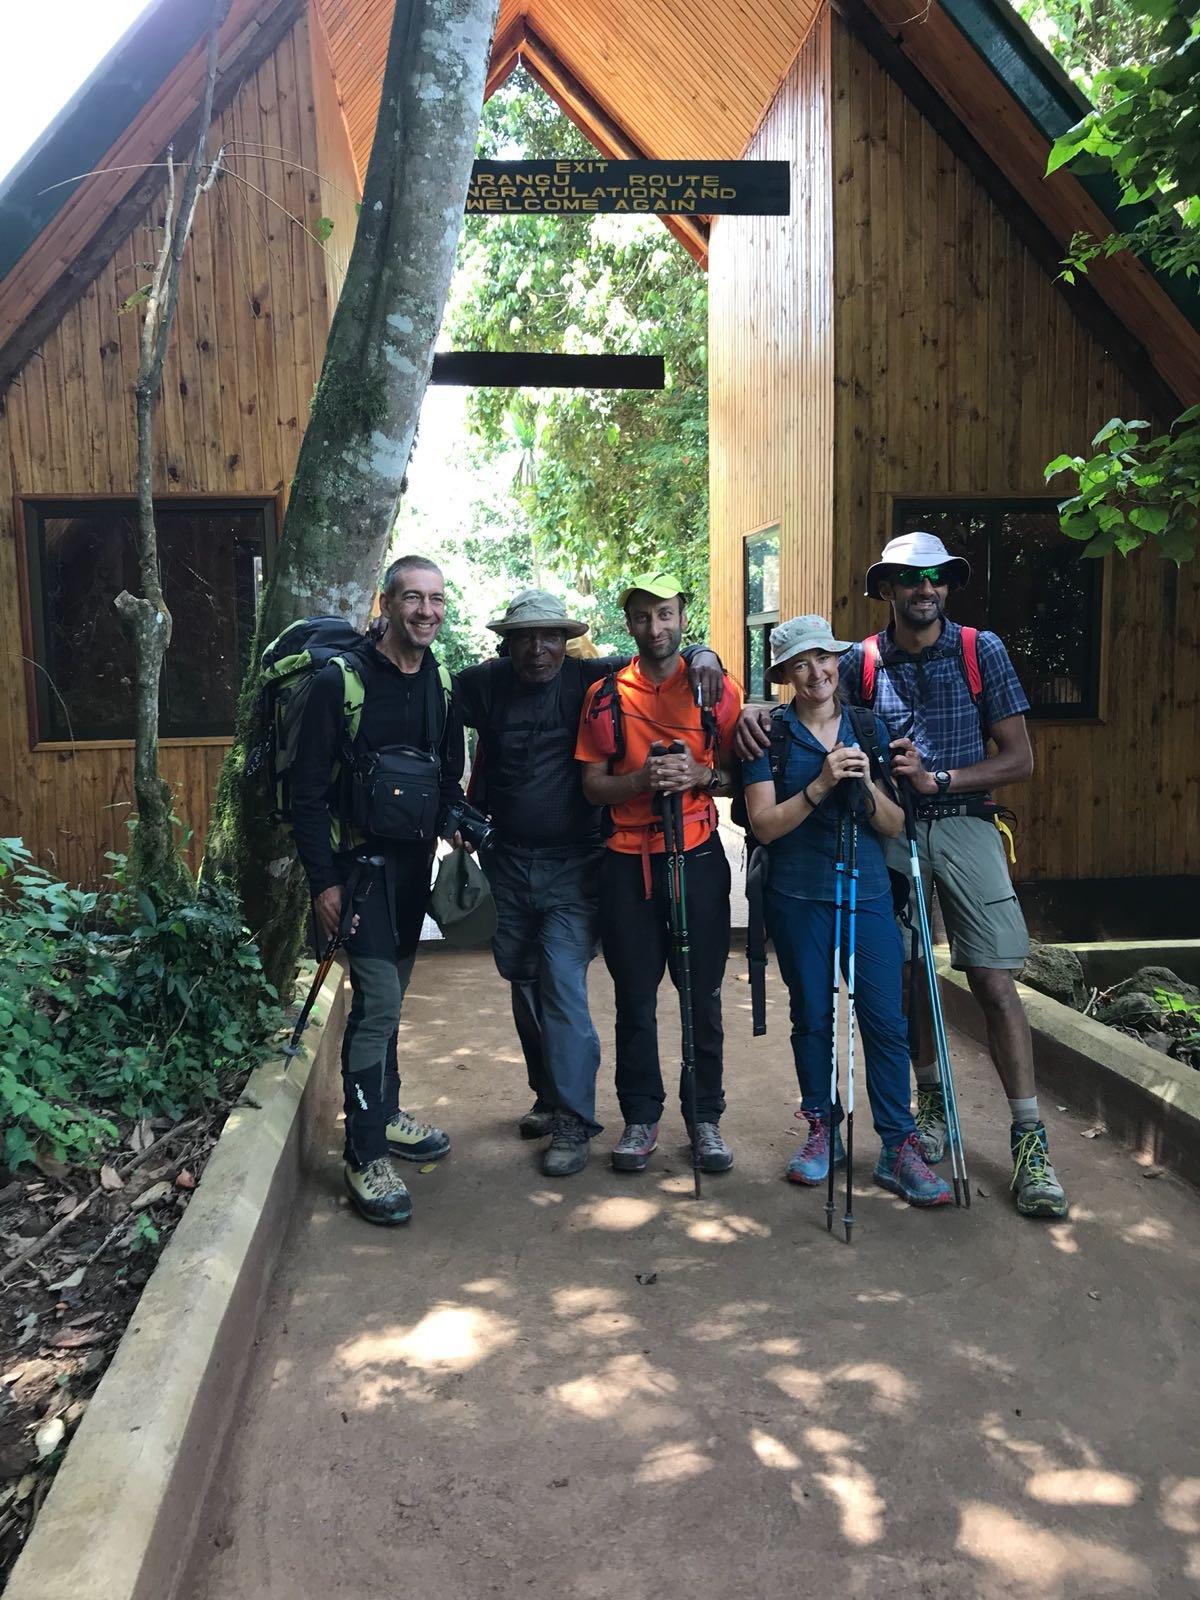 Uscita al Marangu Gate: Davide, Cinzia, Michele e Maximo